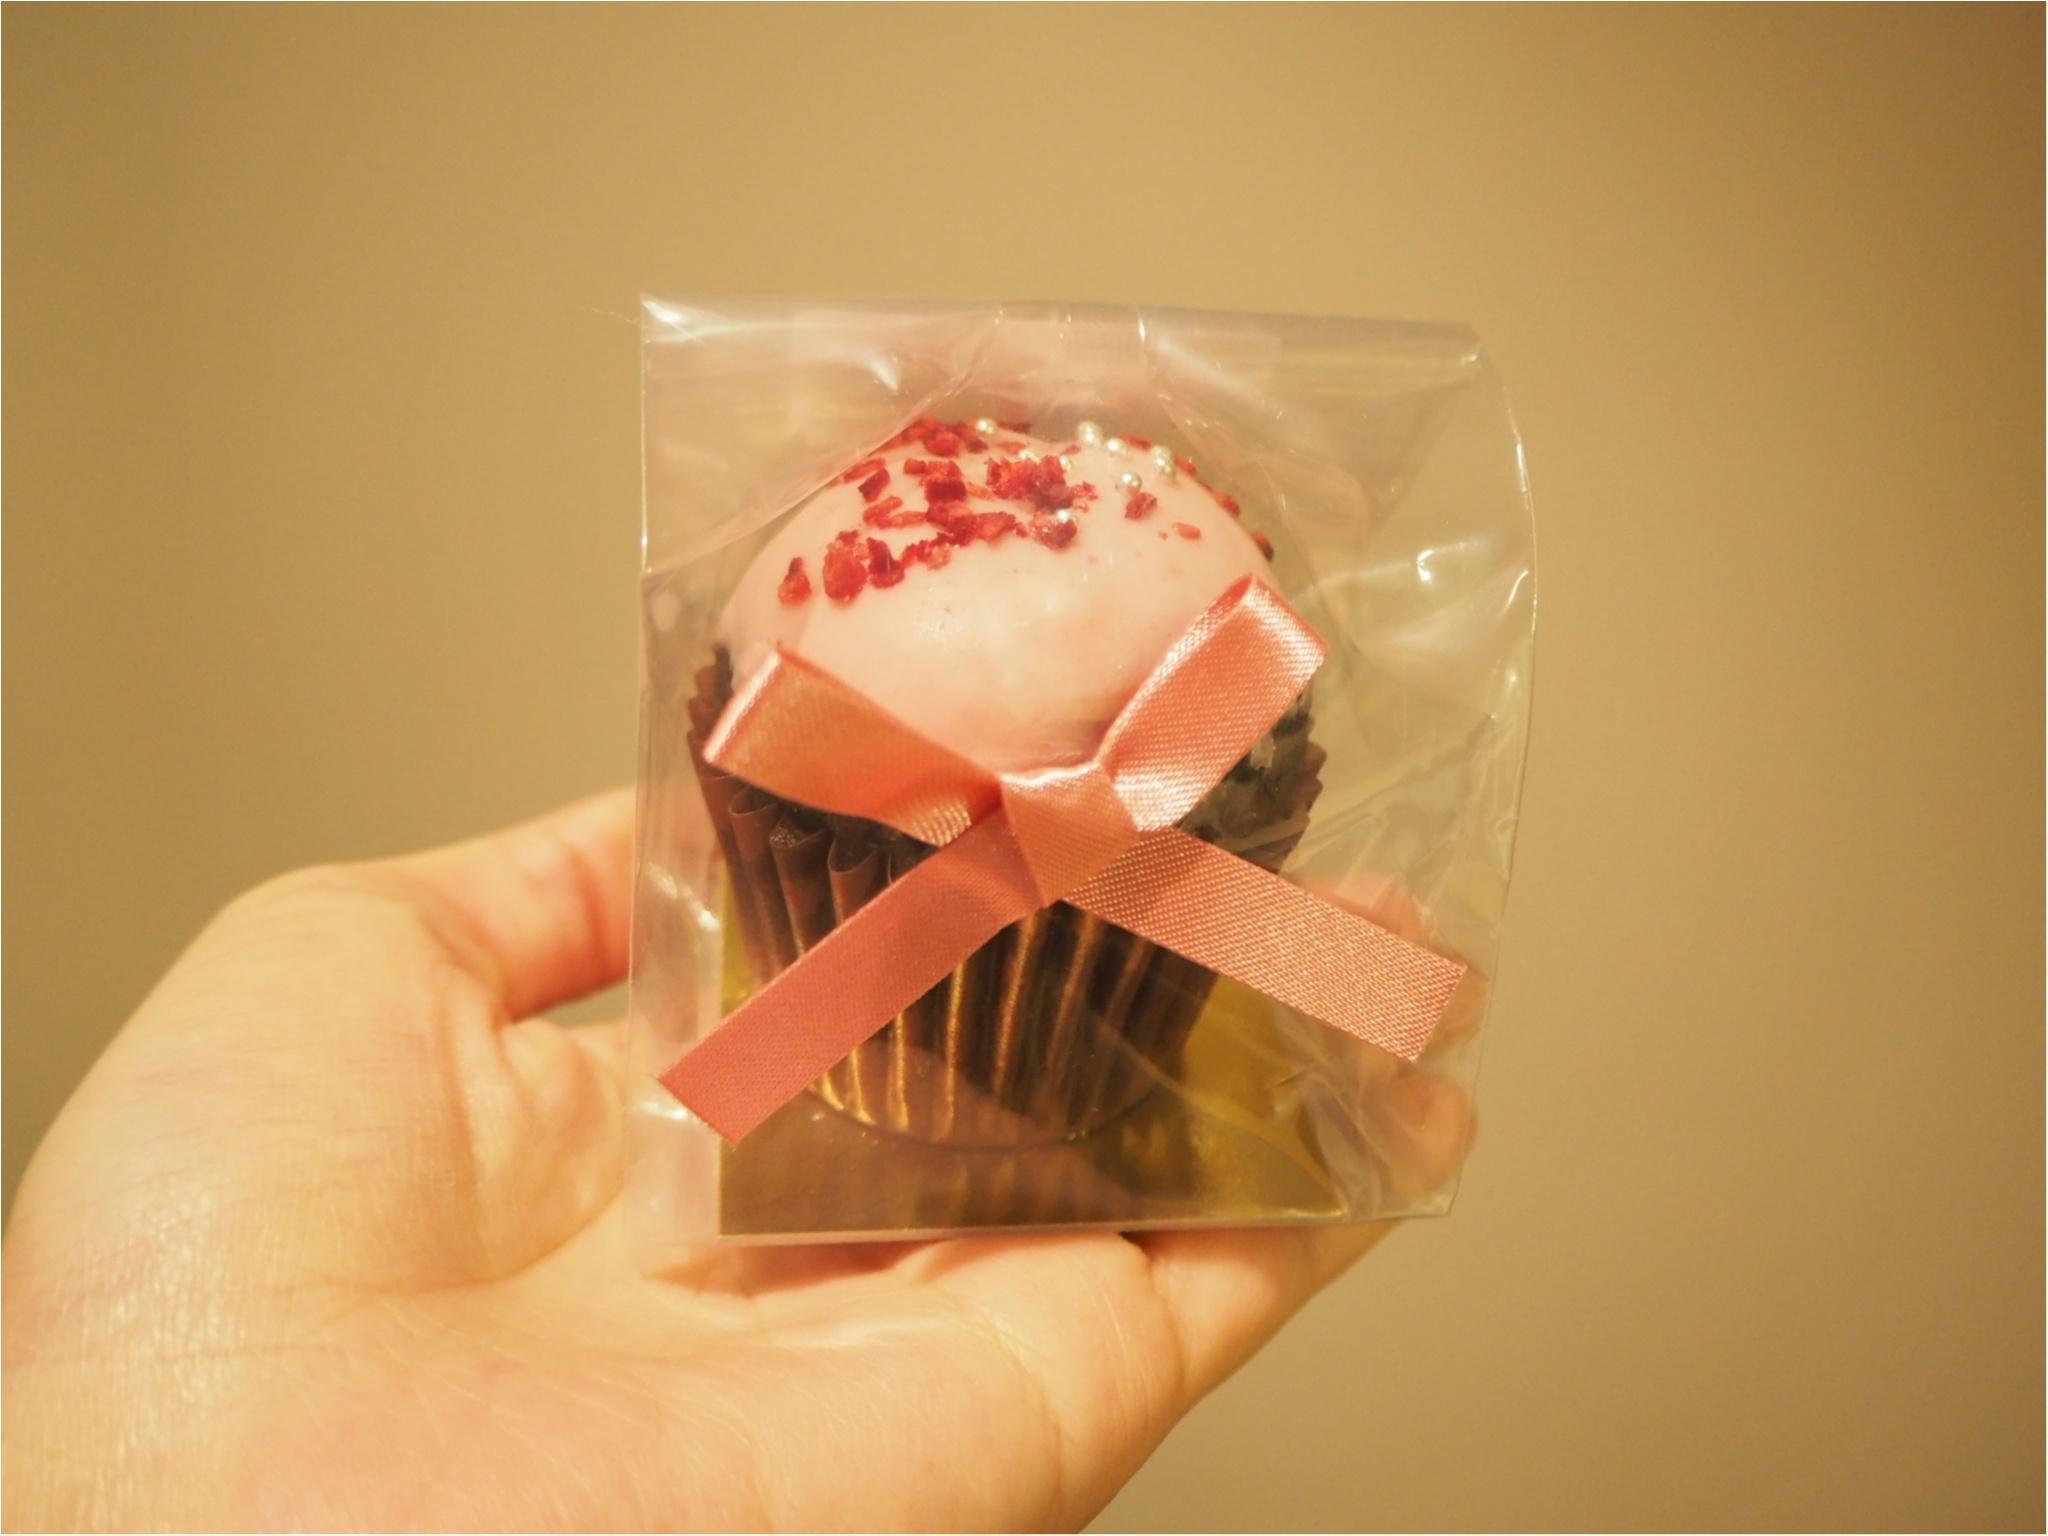 【バレンタインデー直前】女子ウケ120%オススメの可愛いチョコ3選_10